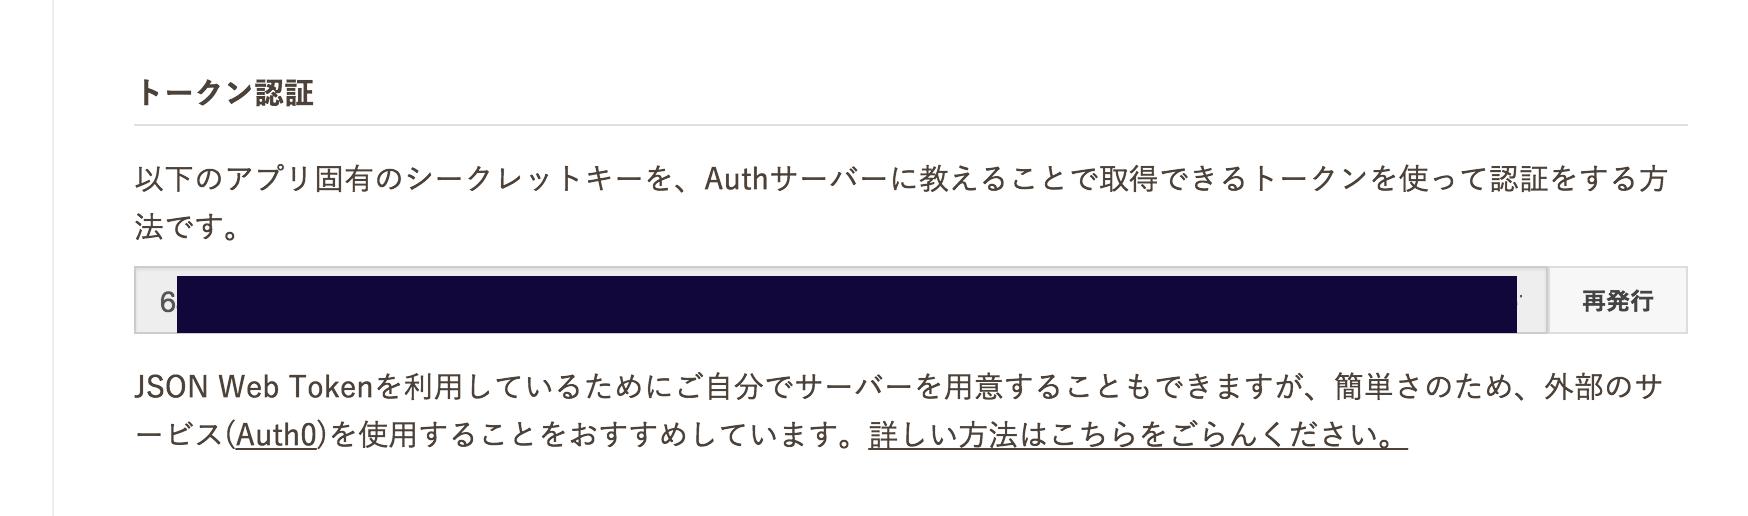 スクリーンショット 2015-11-24 19.33.26.png